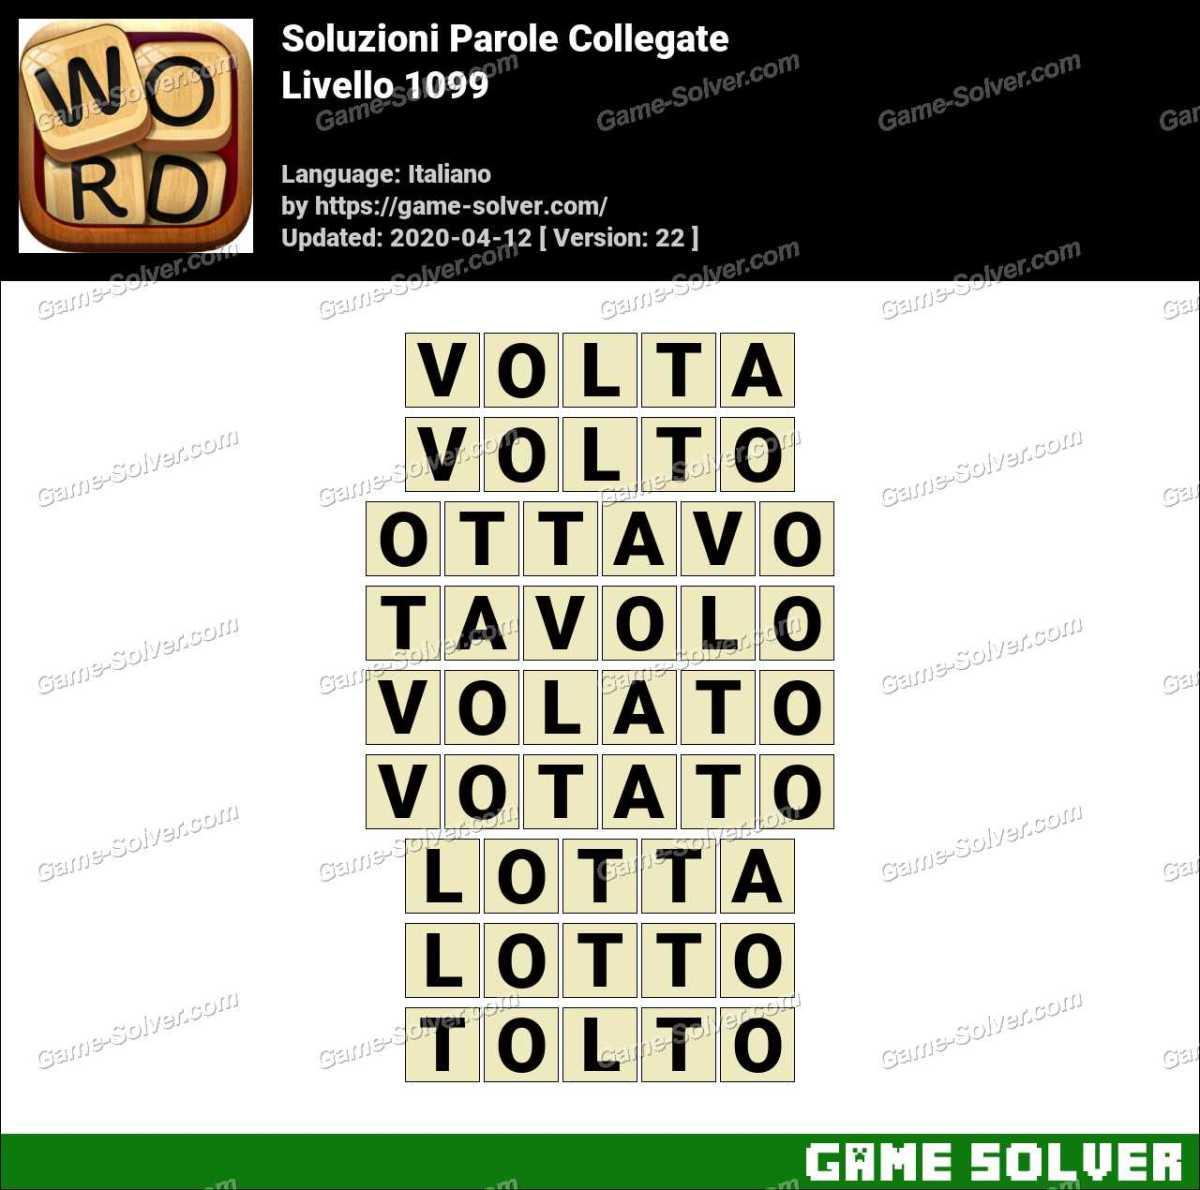 Soluzioni Parole Collegate Livello 1099